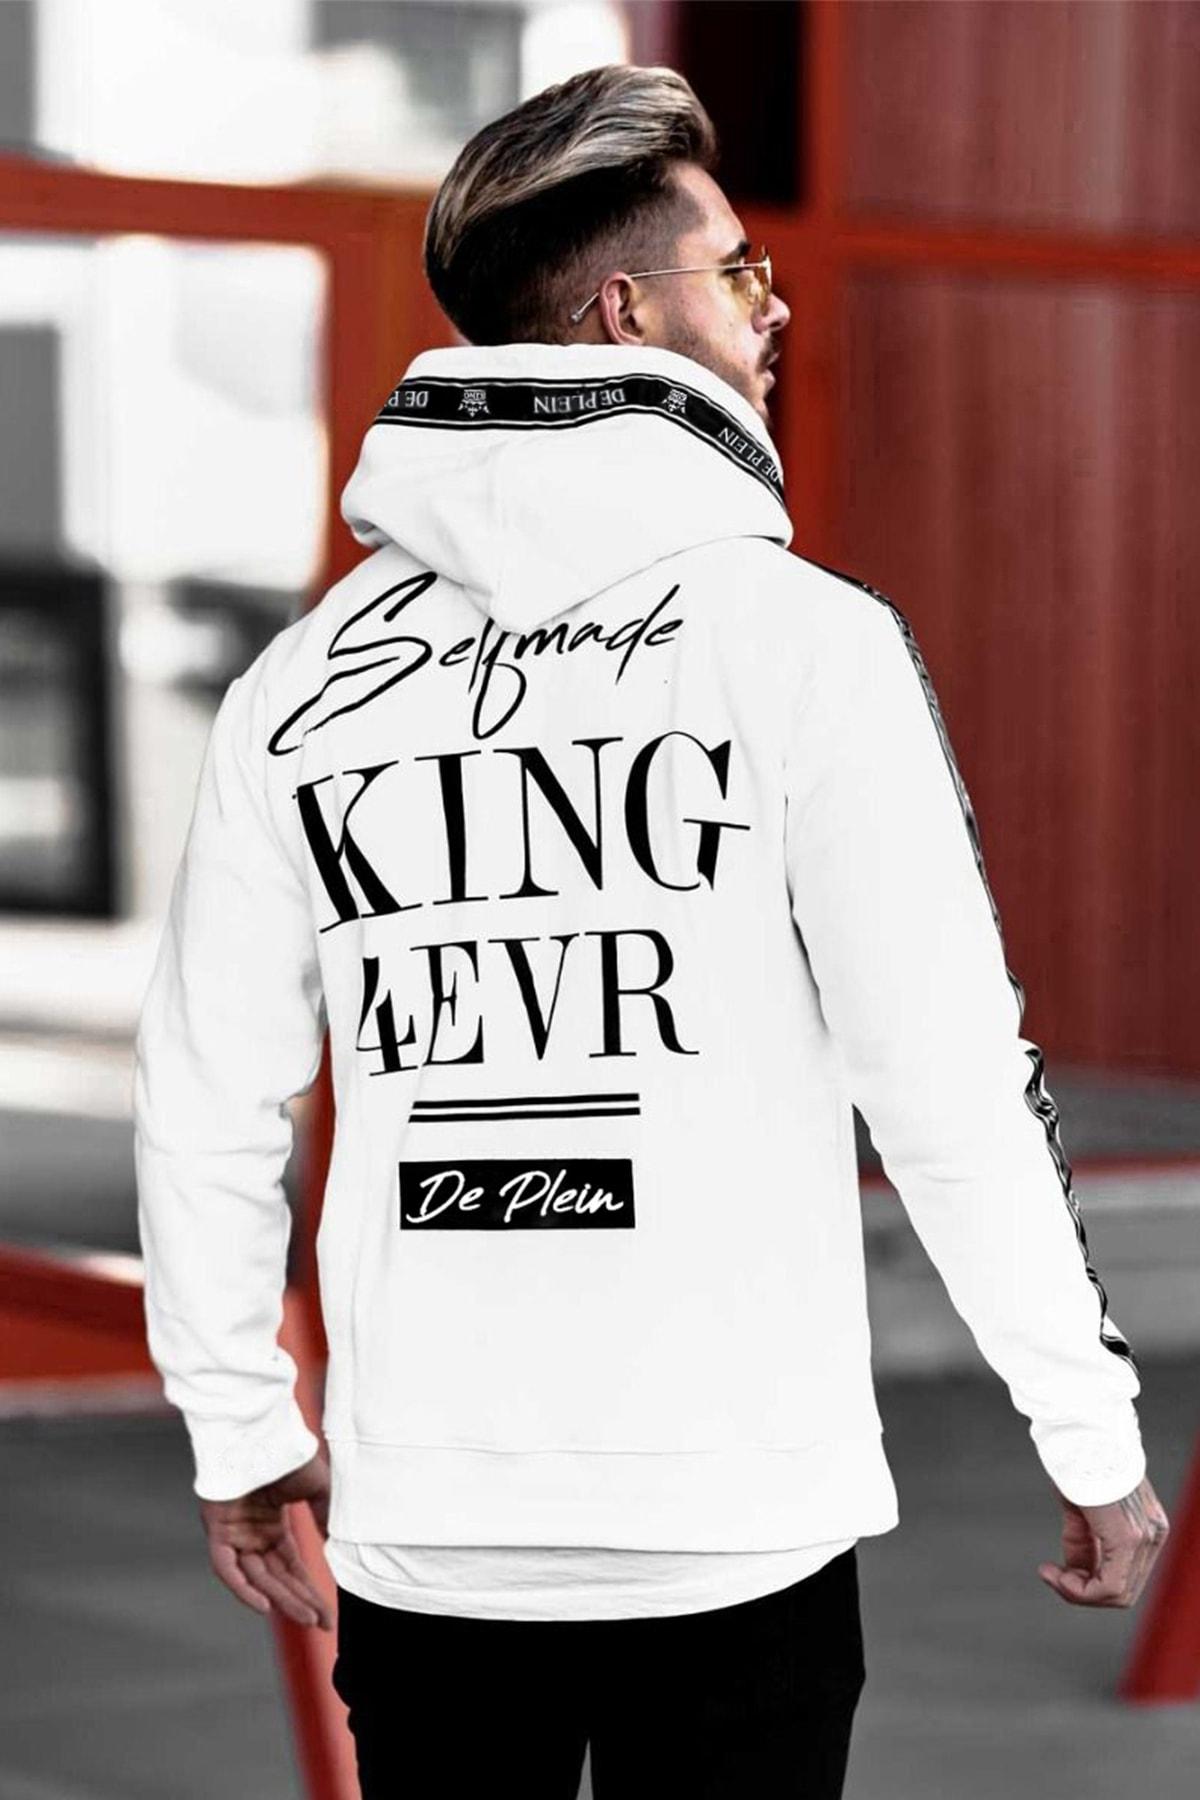 DE PLEIN Unisex King Beyaz Baskılı % 100 Pamuk Kapüşonlu Sweatshirt 1